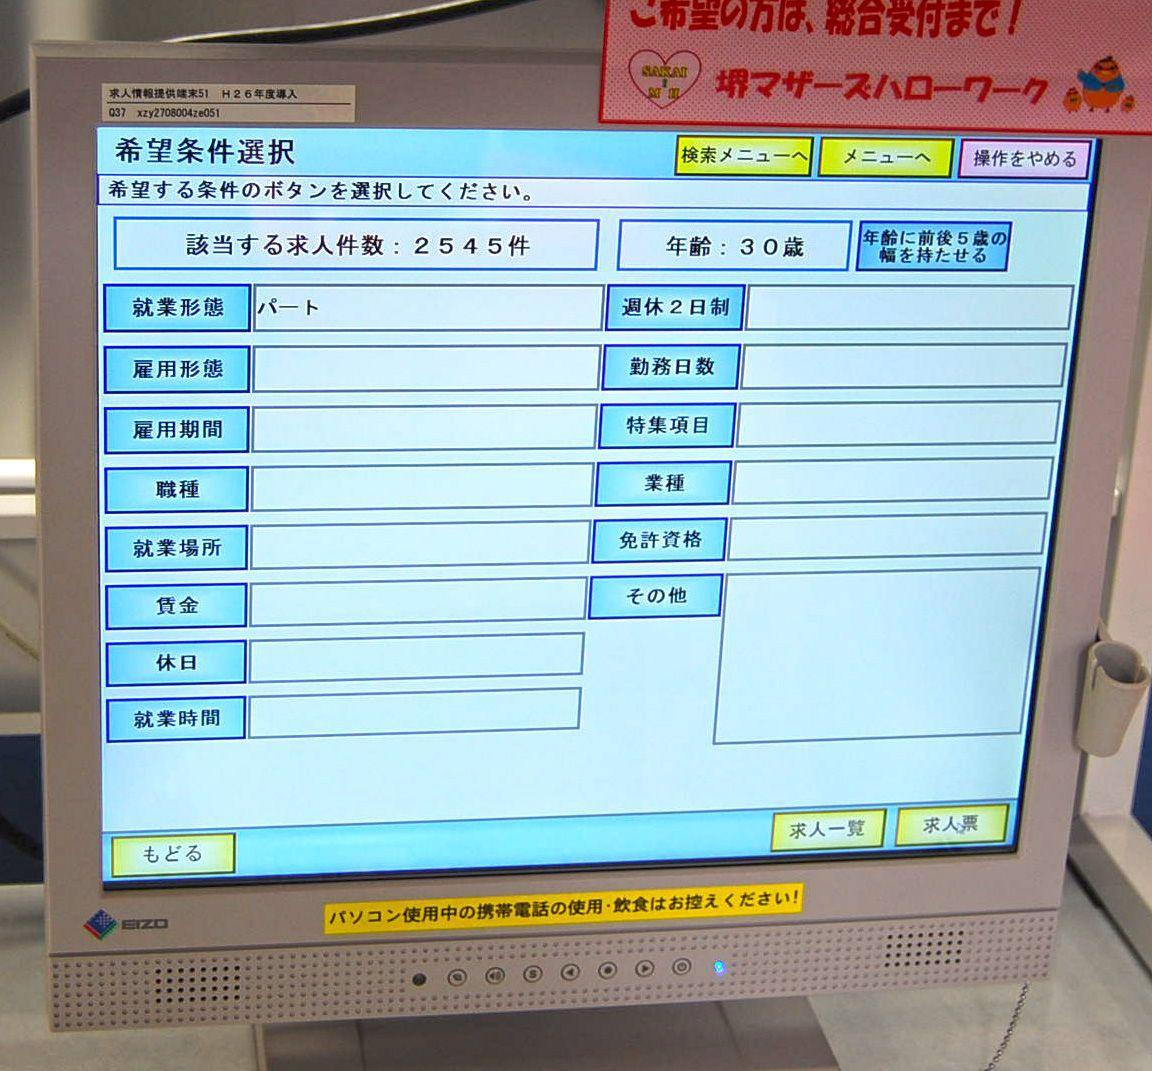 子育て応援求人に分類されている、大阪全体のパートの求人は2545件あります。